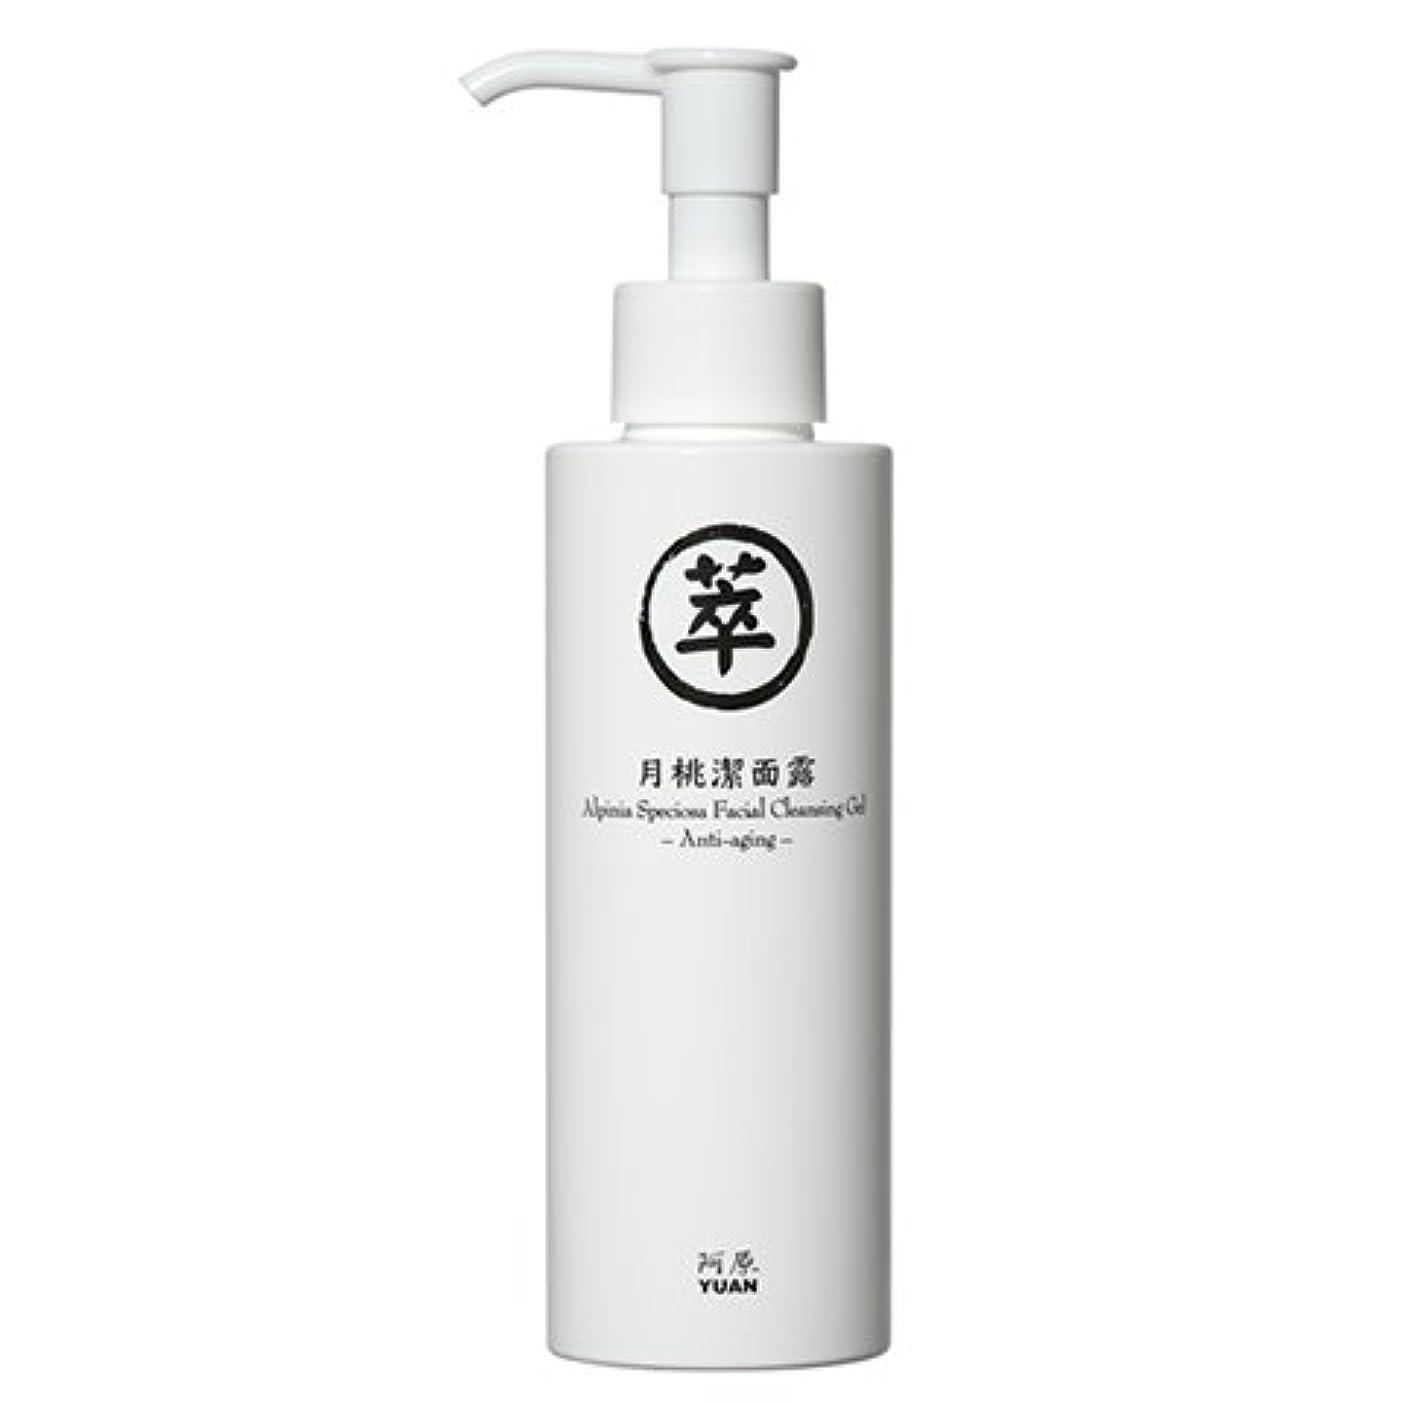 ユアン(YUAN)月桃(ゲットウ)洗顔ジェル 150ml(阿原 ユアンソープ 台湾コスメ)